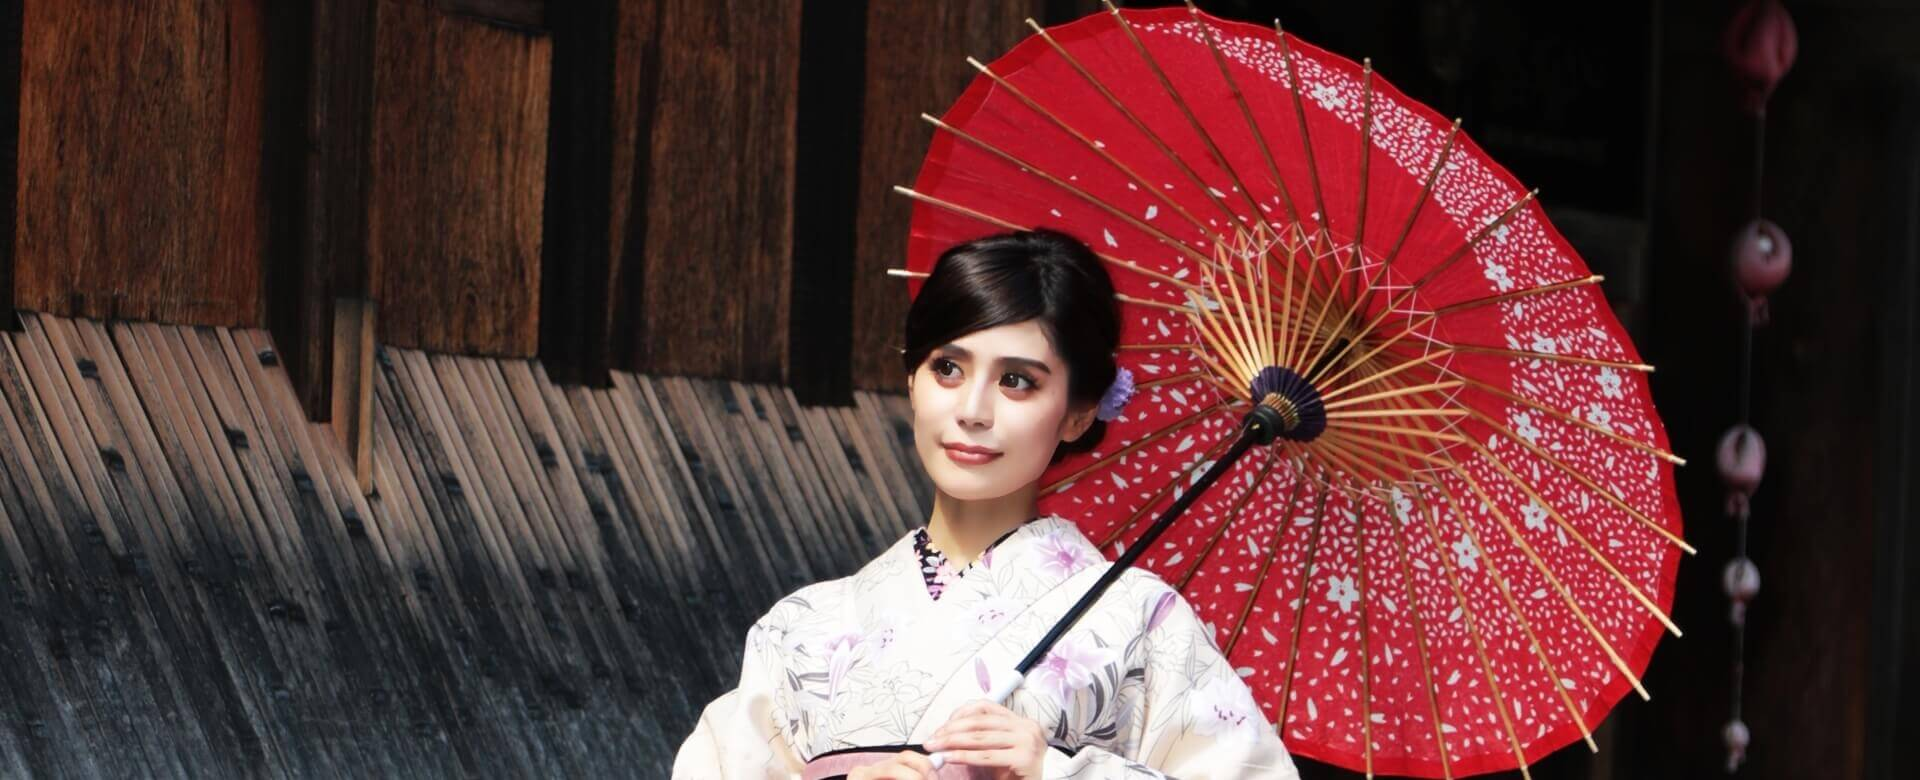 京都観光する女性